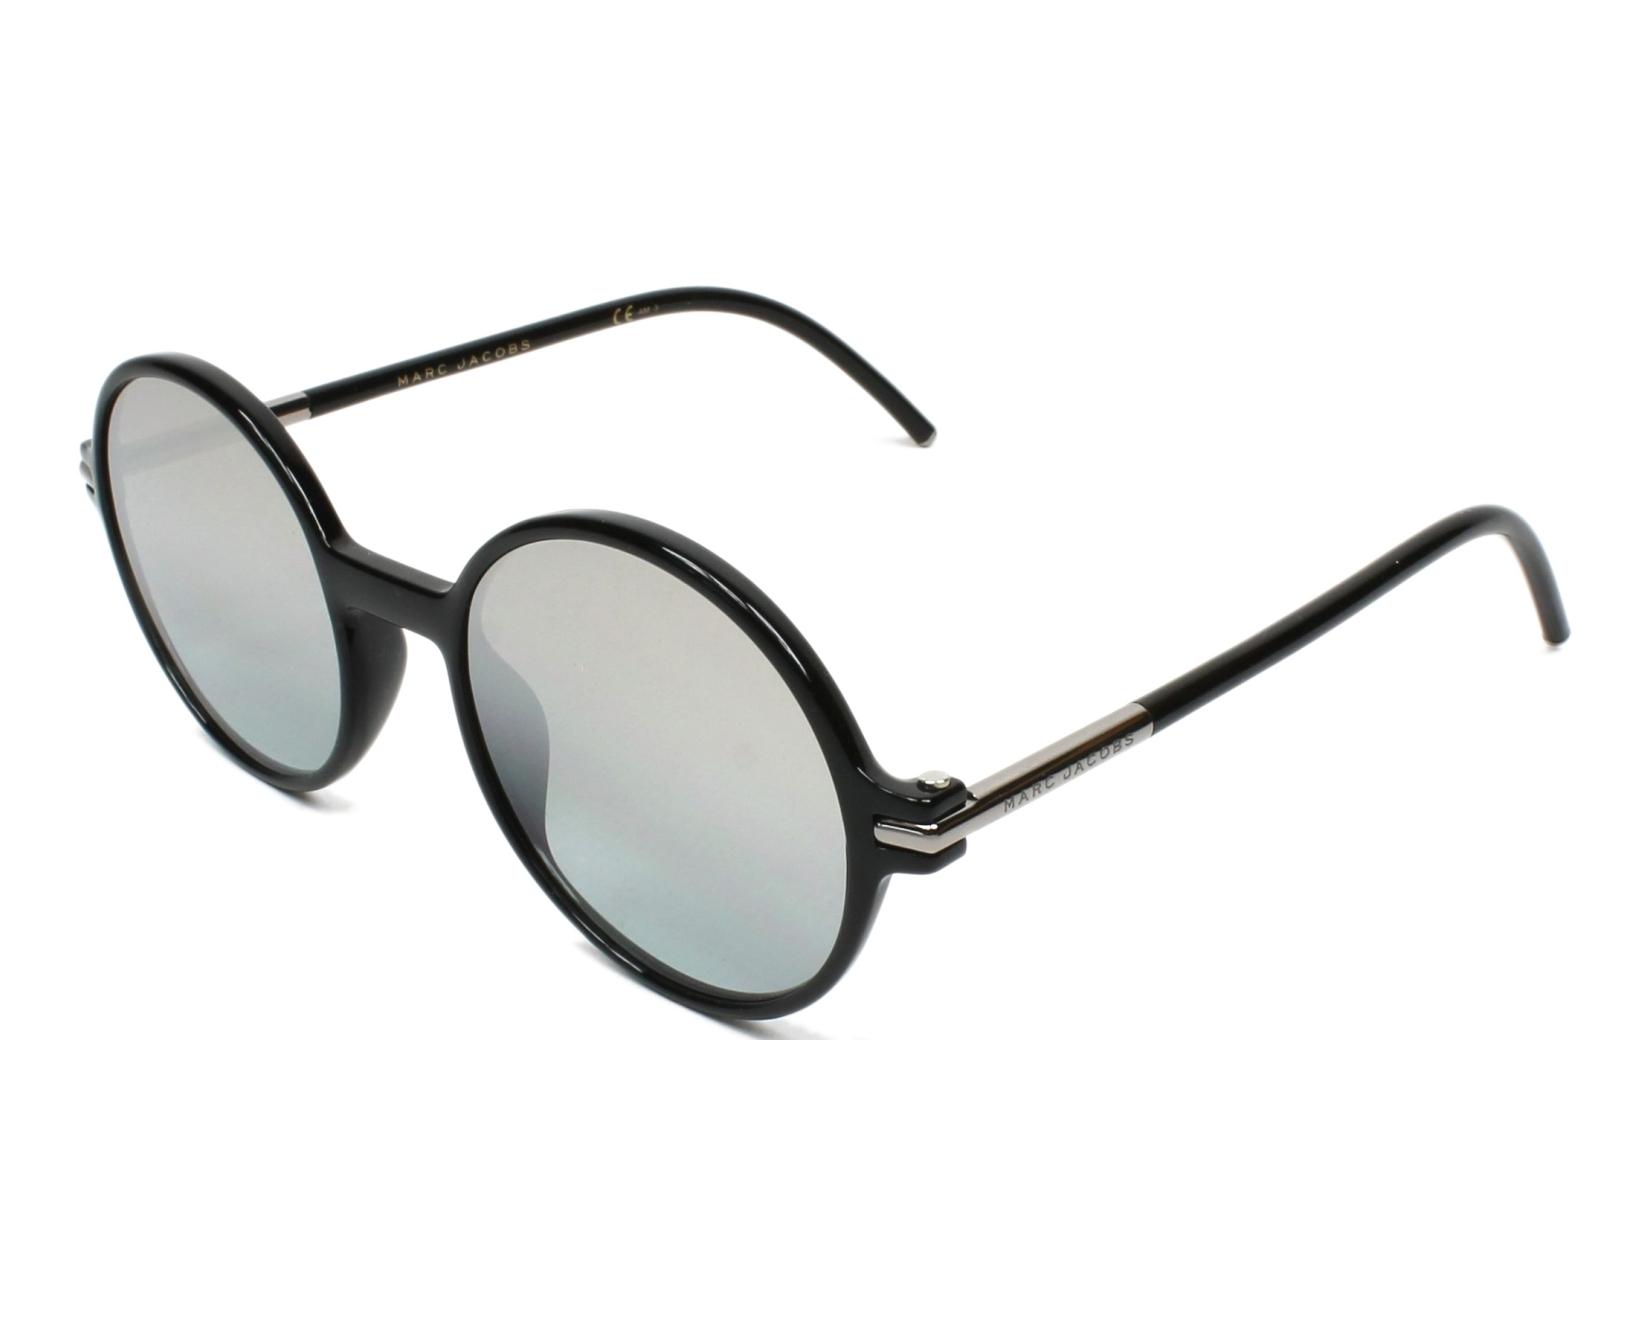 Sunglasses Marc Jacobs MARC-48-S D28 GY 52-21 Black profile aa40d5d143a0